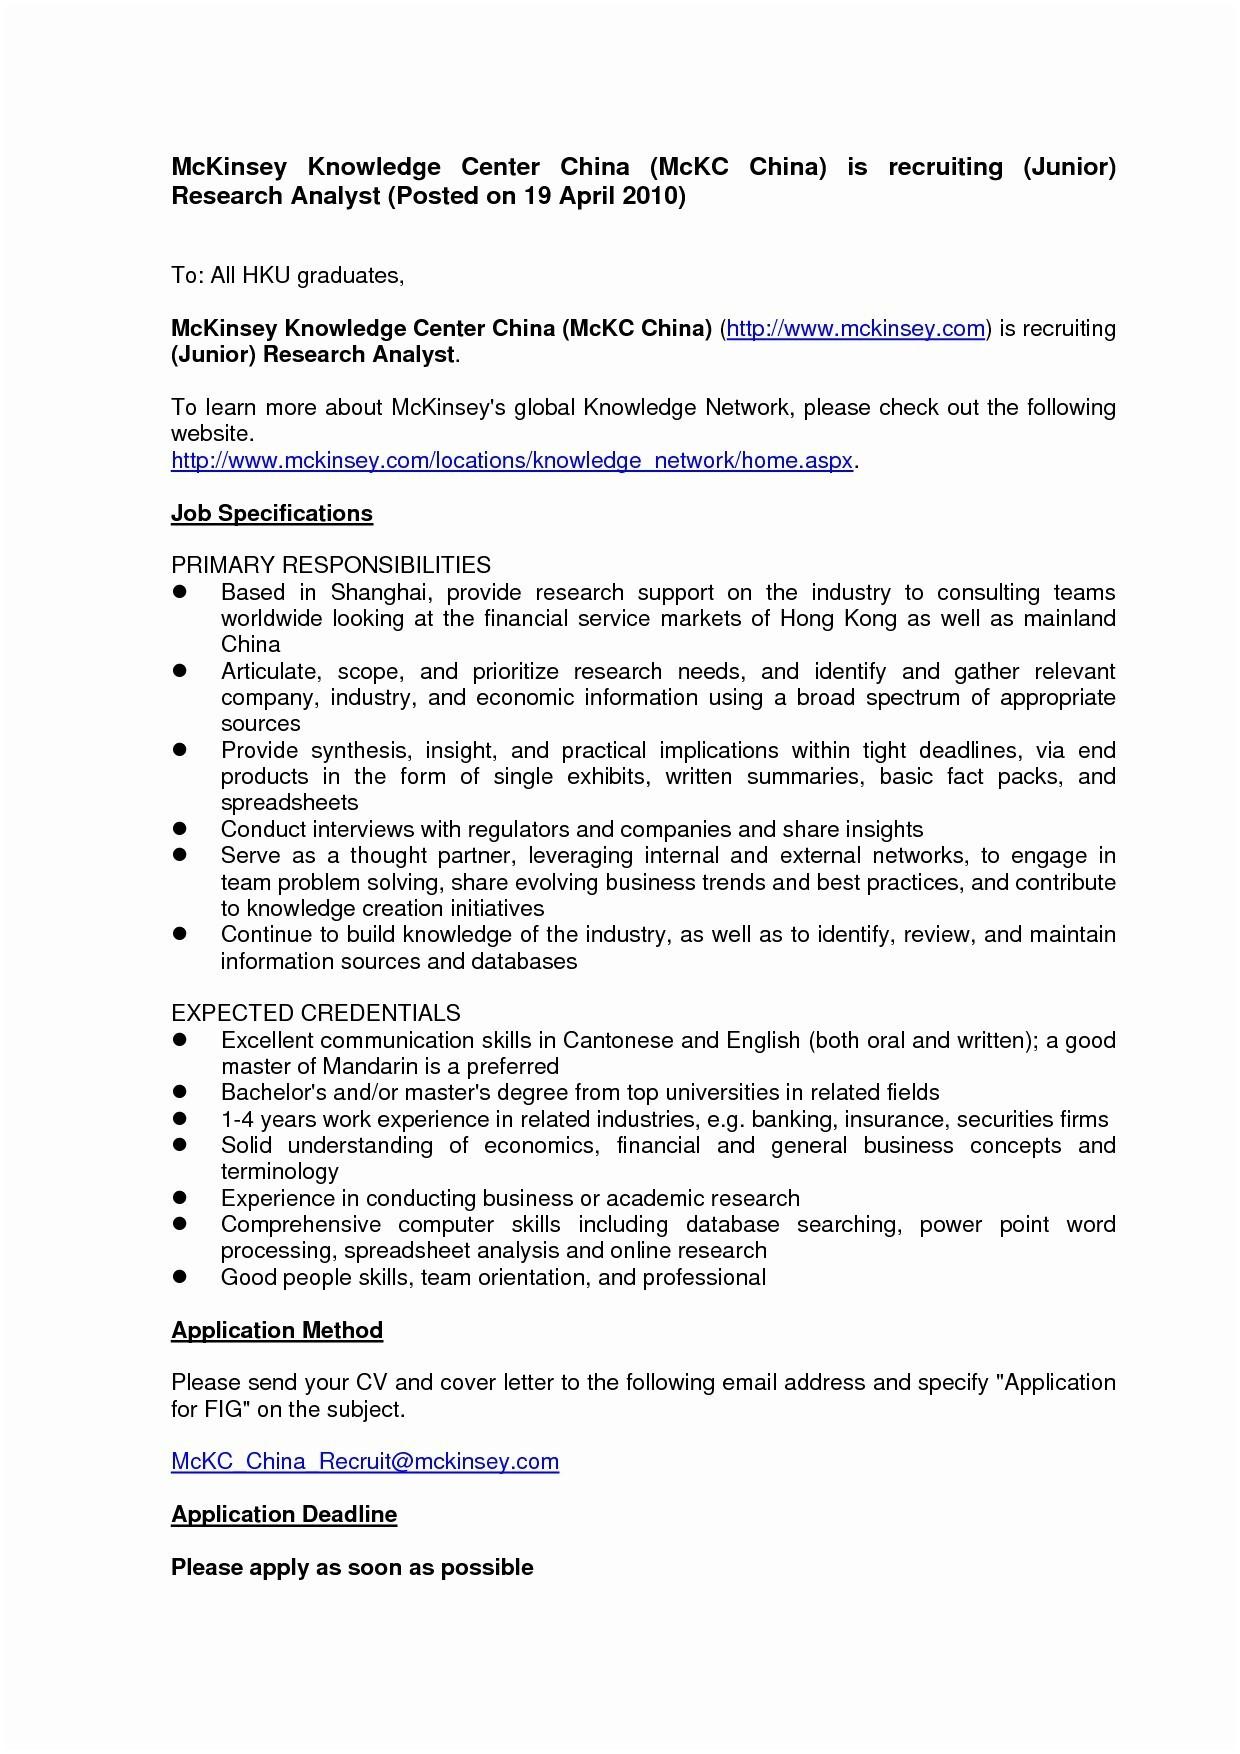 Job Acceptance Letter Template - Job Acceptance Letter Template Valid Job Fer Letter Template Us Copy